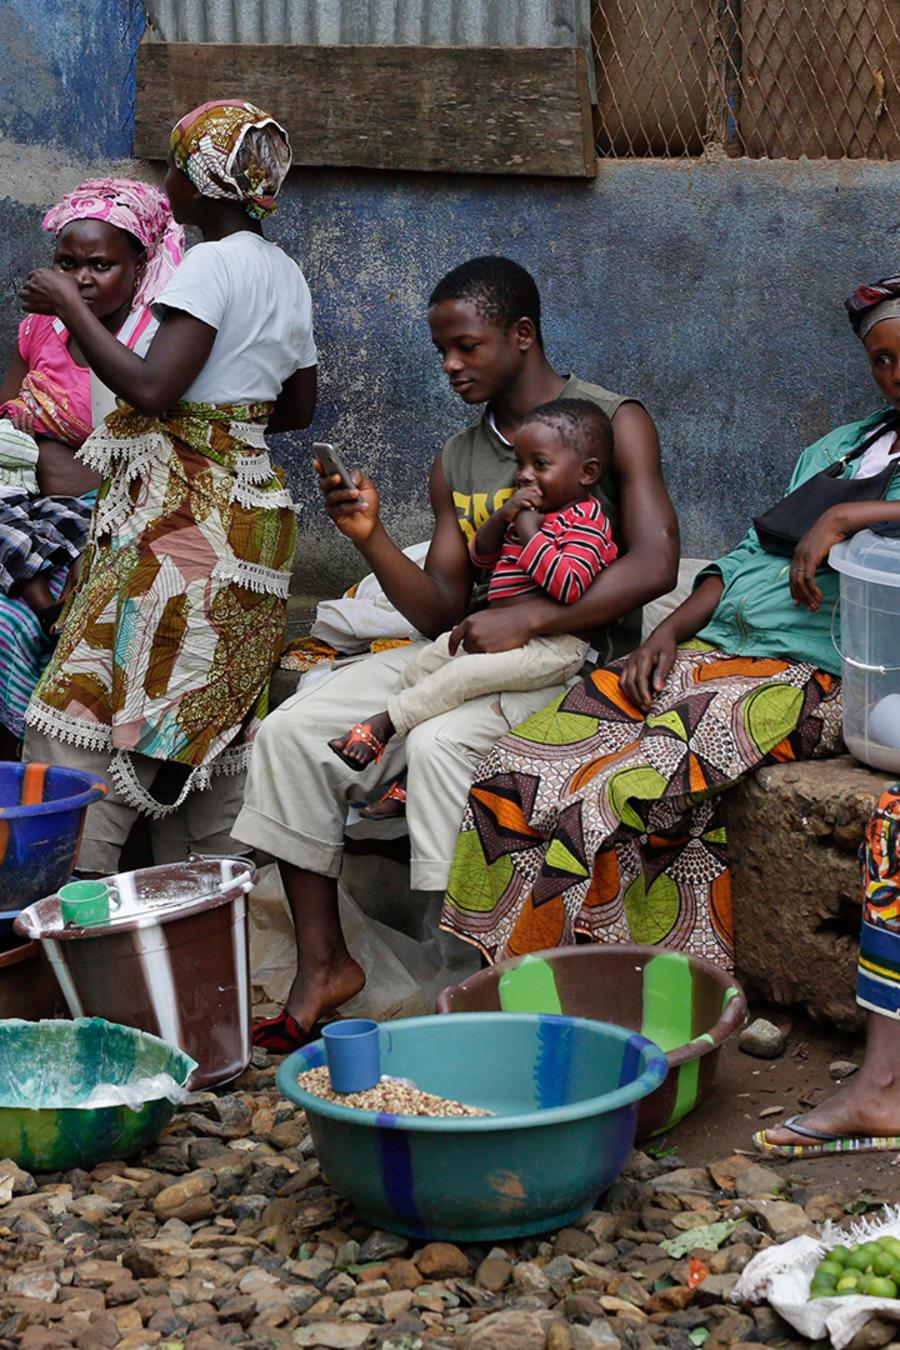 Un grupo de mujeres vende comida en un mercado en Kenema, Sierra Leona, un pueblo donde más de 40 trabajadores del sector salud en un hospital del gobierno murieron de ébola.